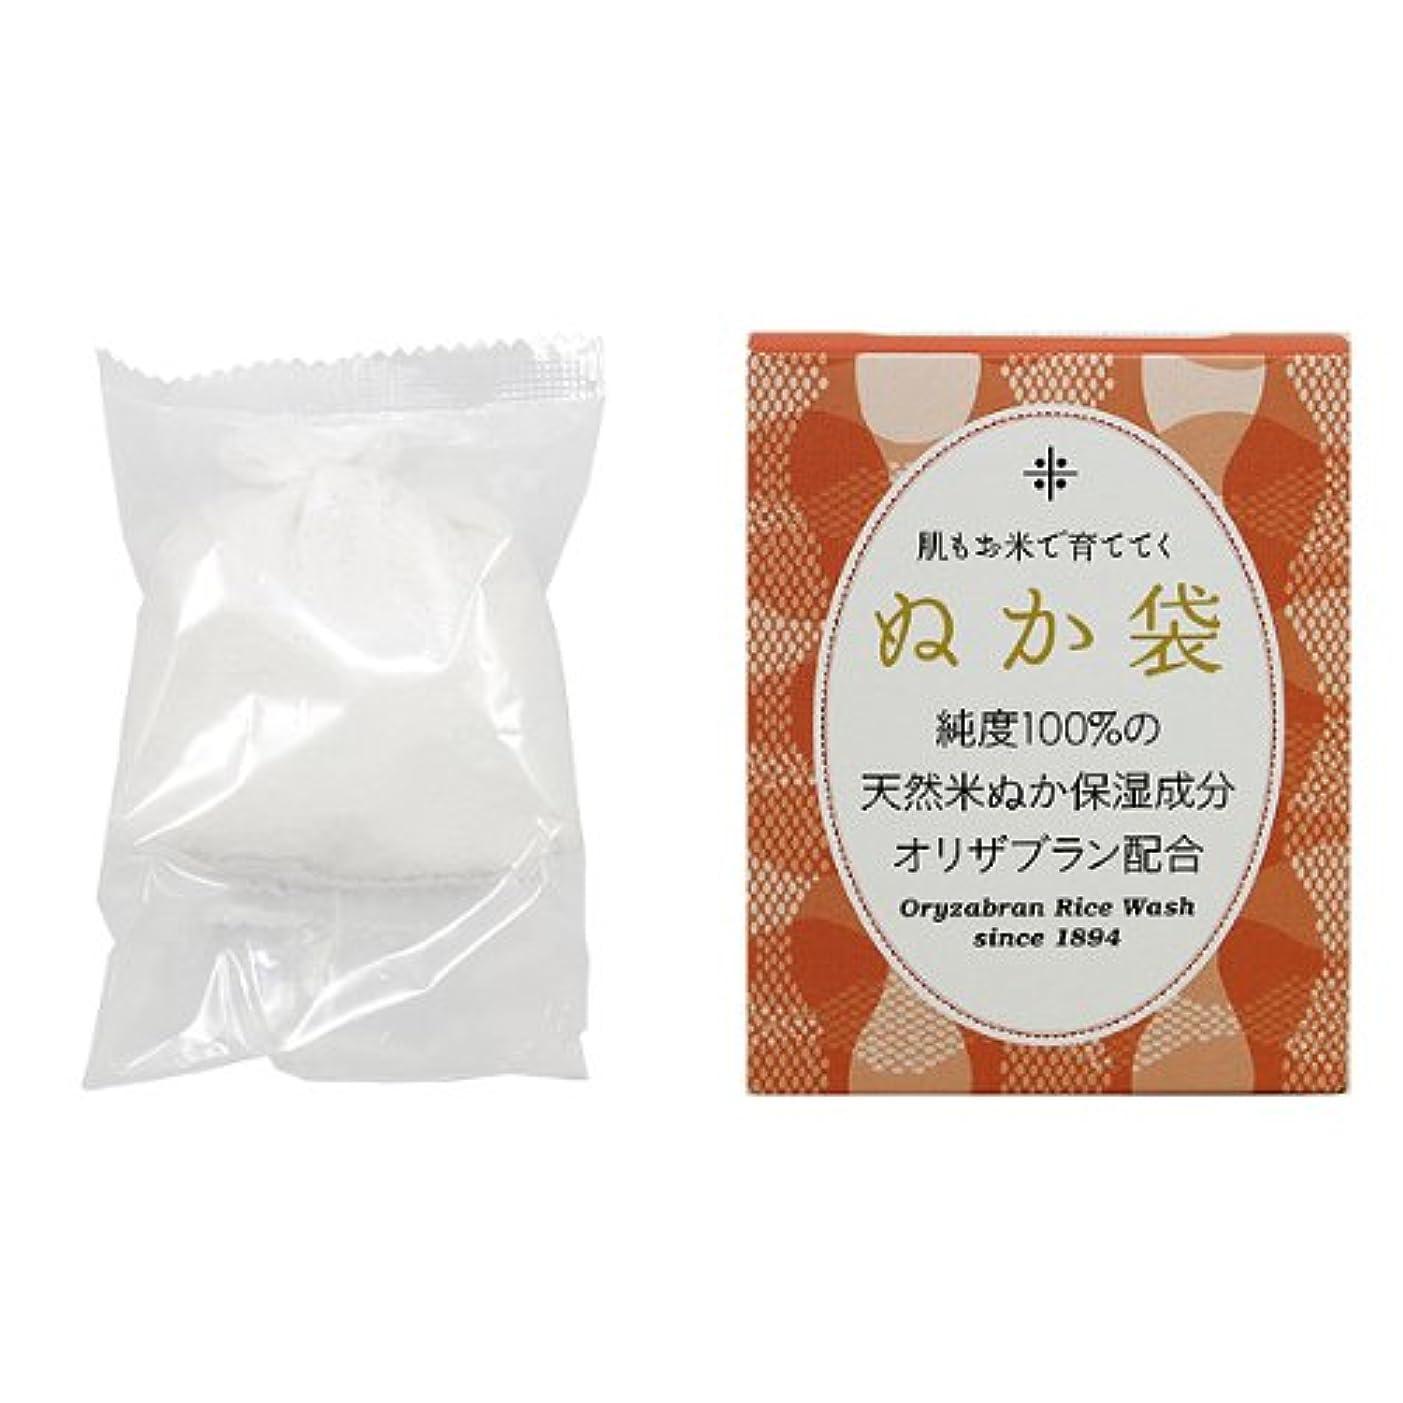 習慣してはいけません三角形リアル オリザ オリザブラン ライスウォッシュK (ぬか袋タイプ)50g